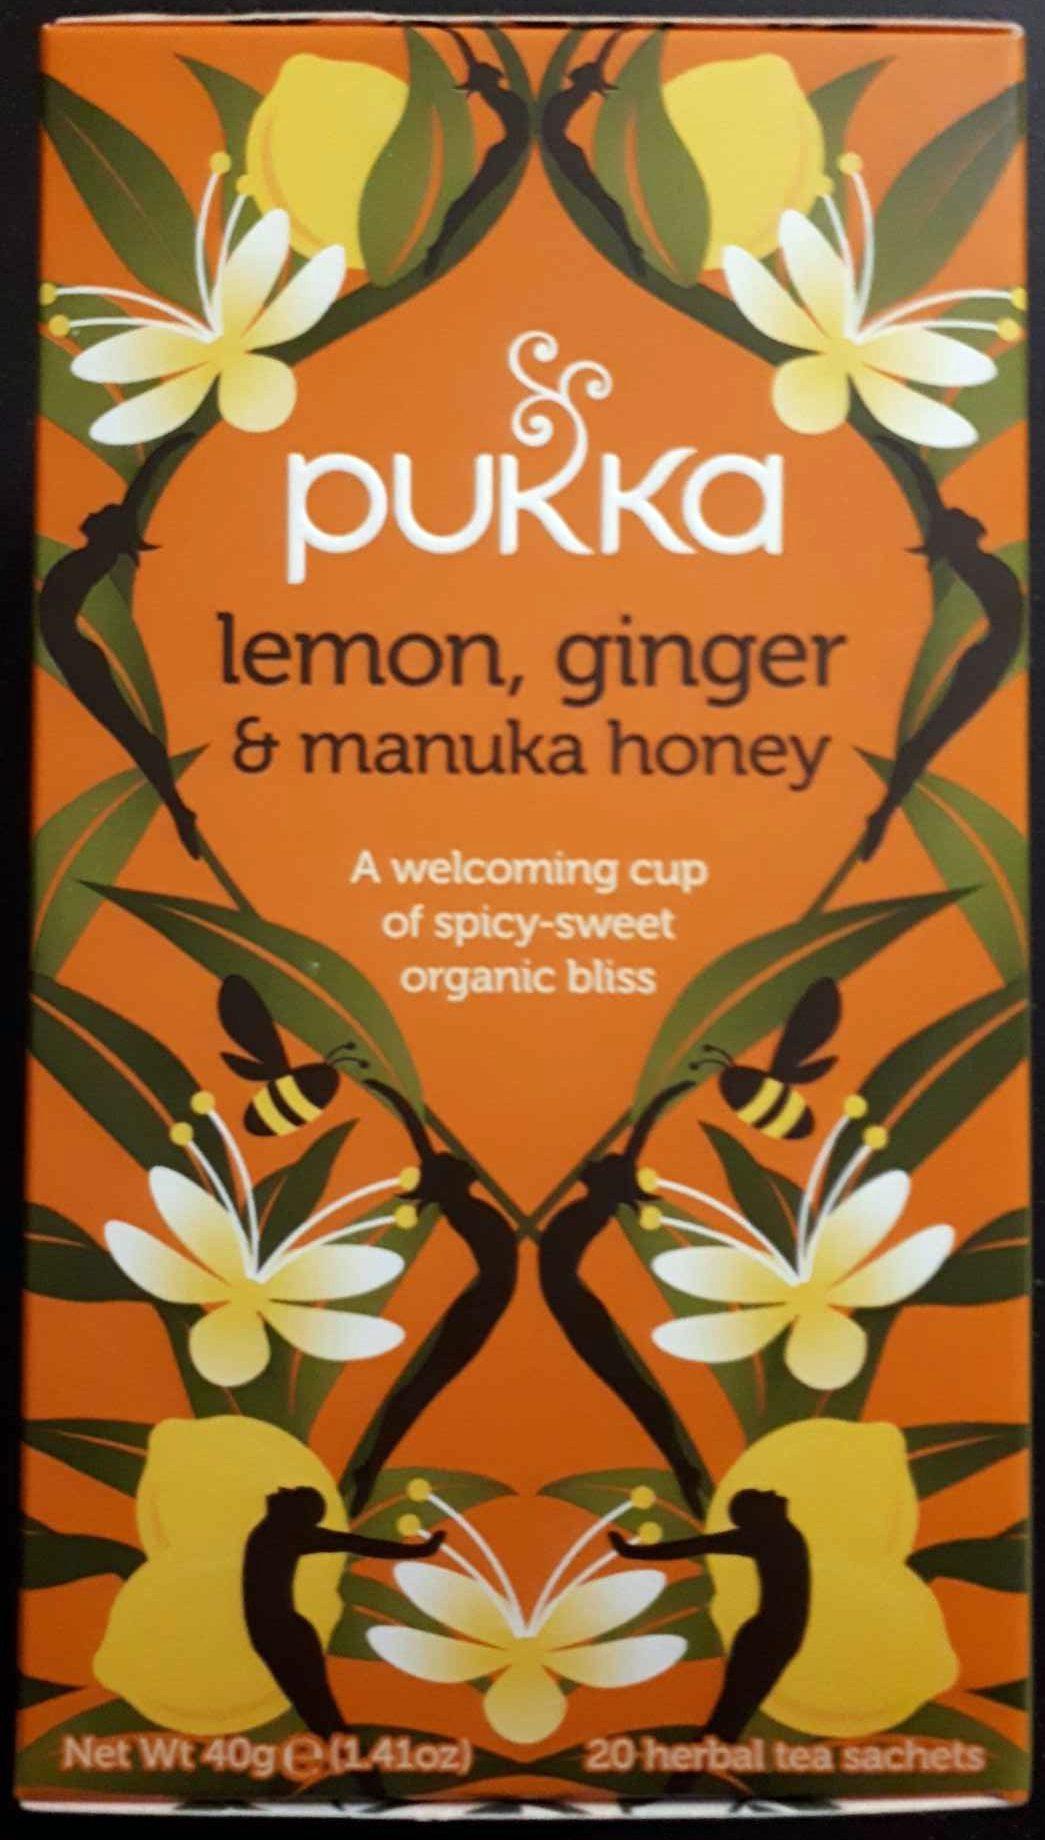 lemon, ginger & manuka honey - Product